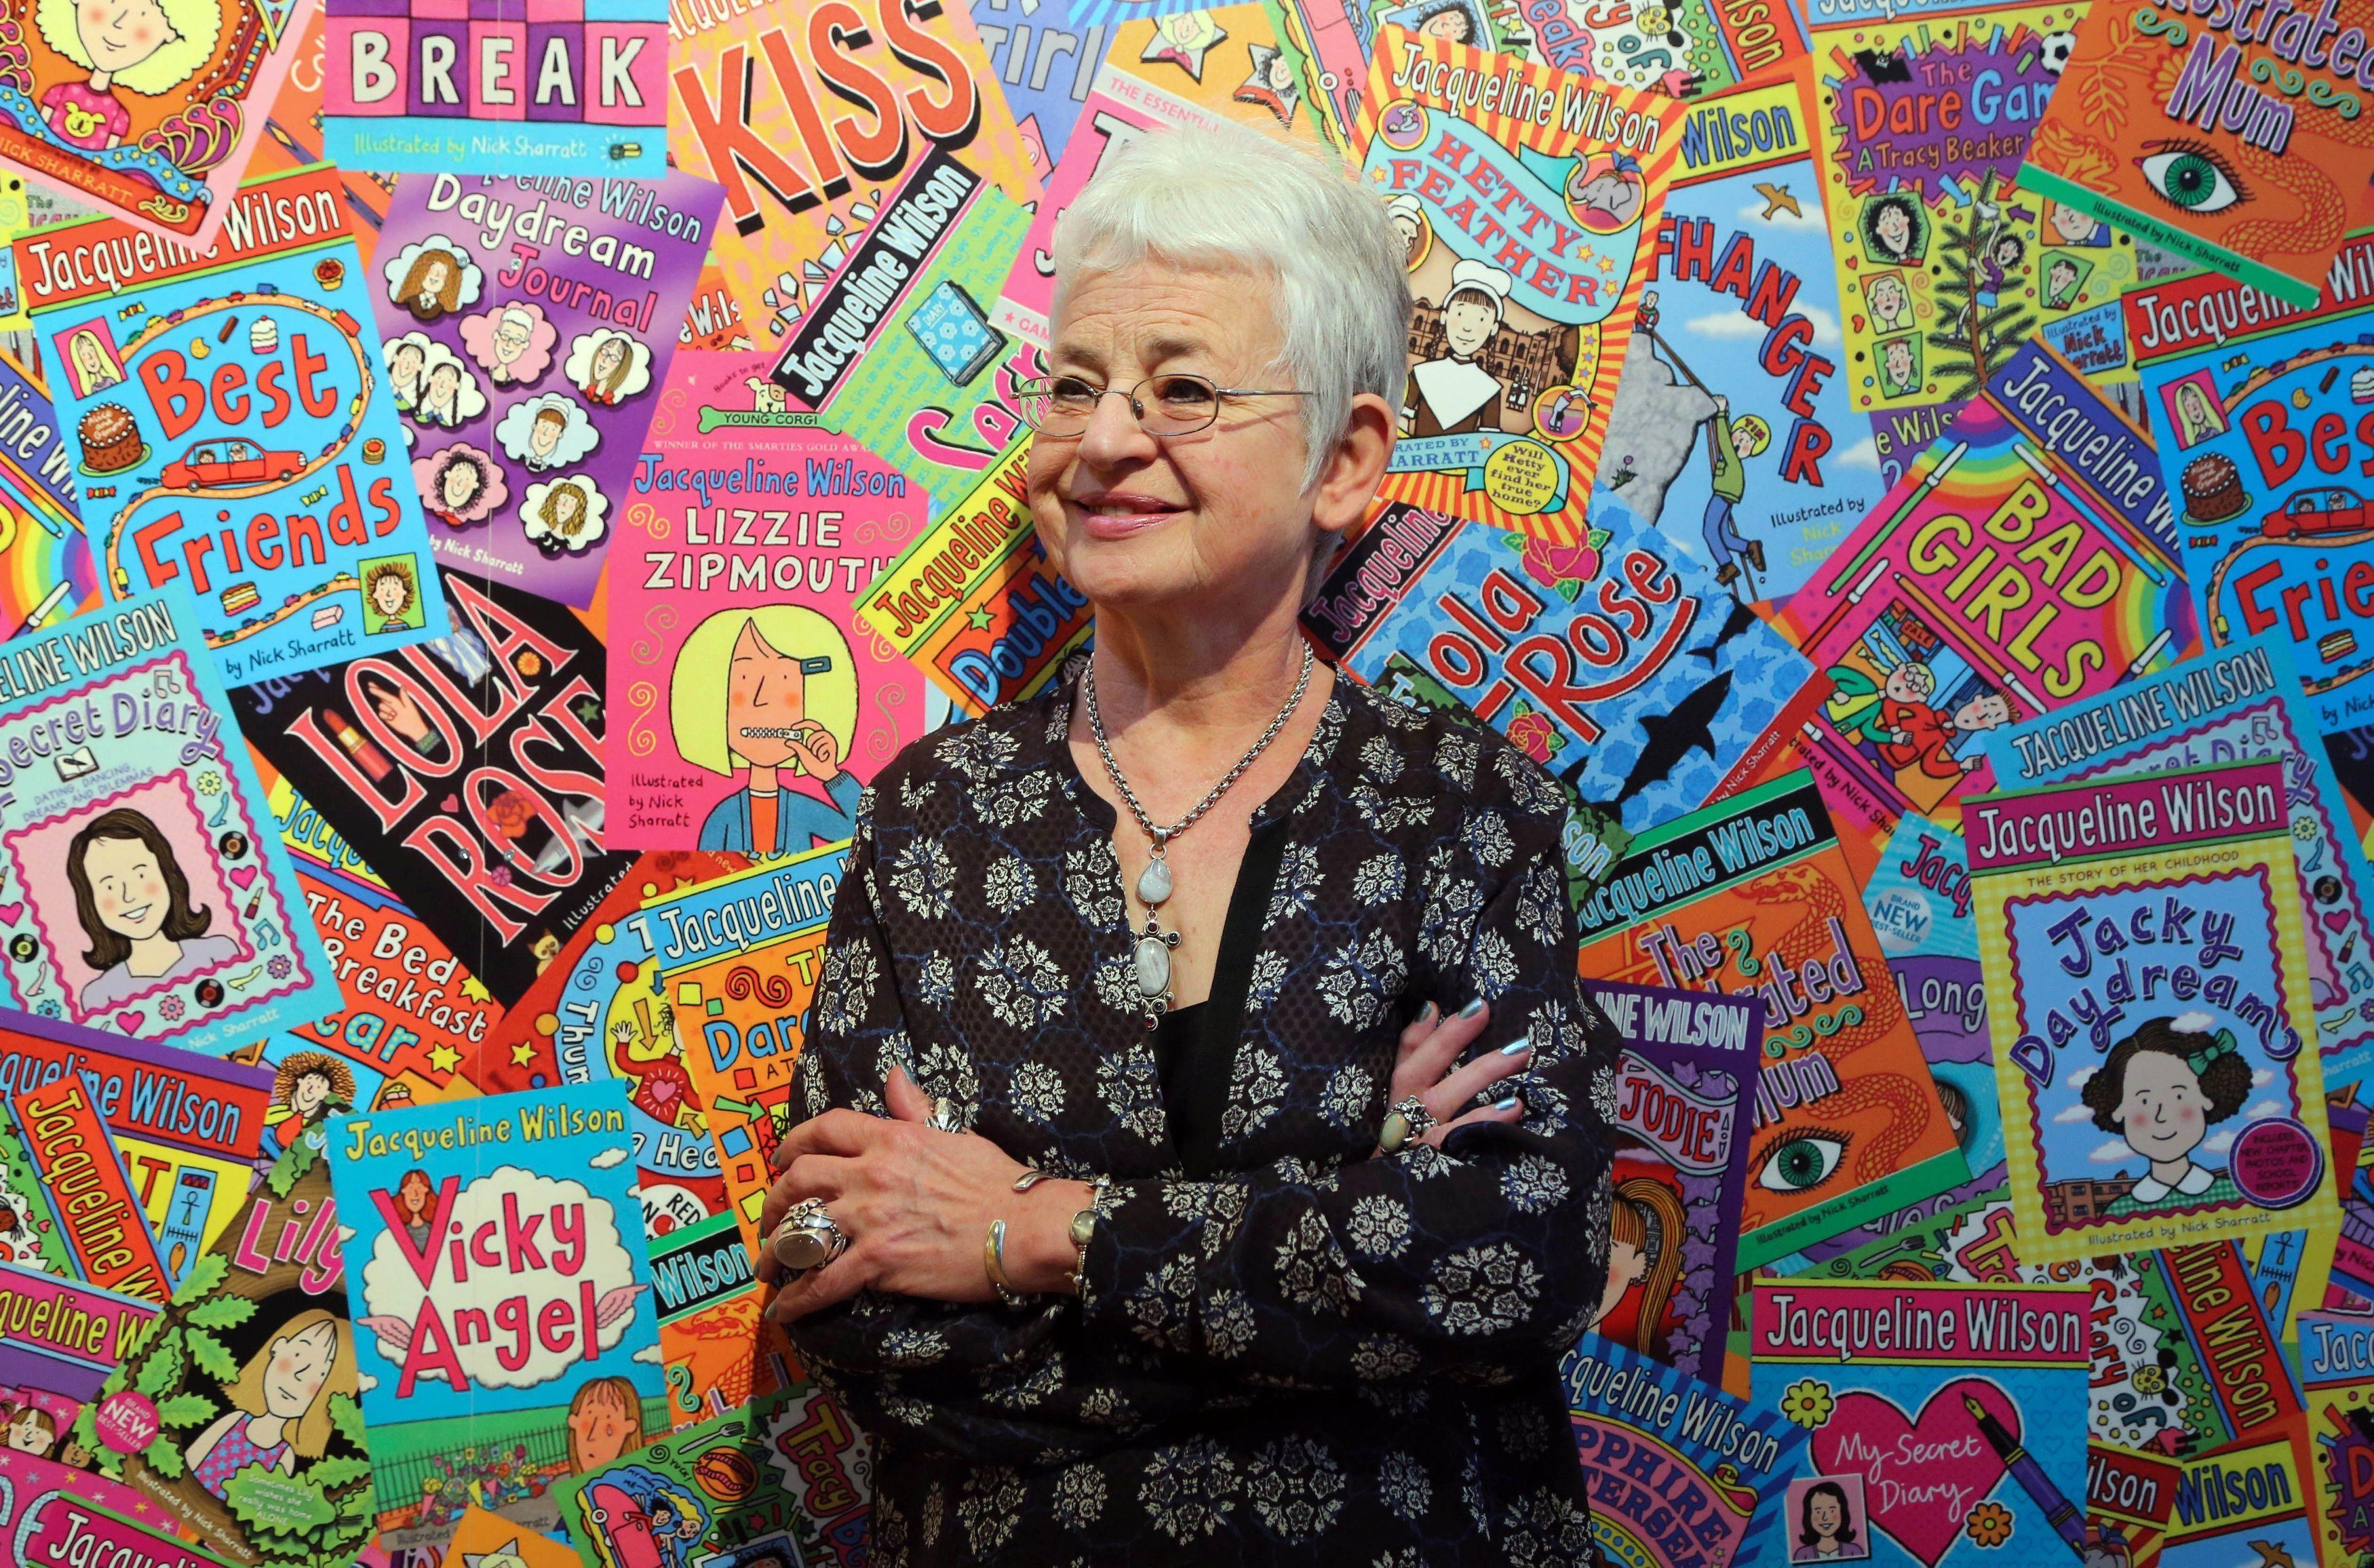 Jacqueline Wilson